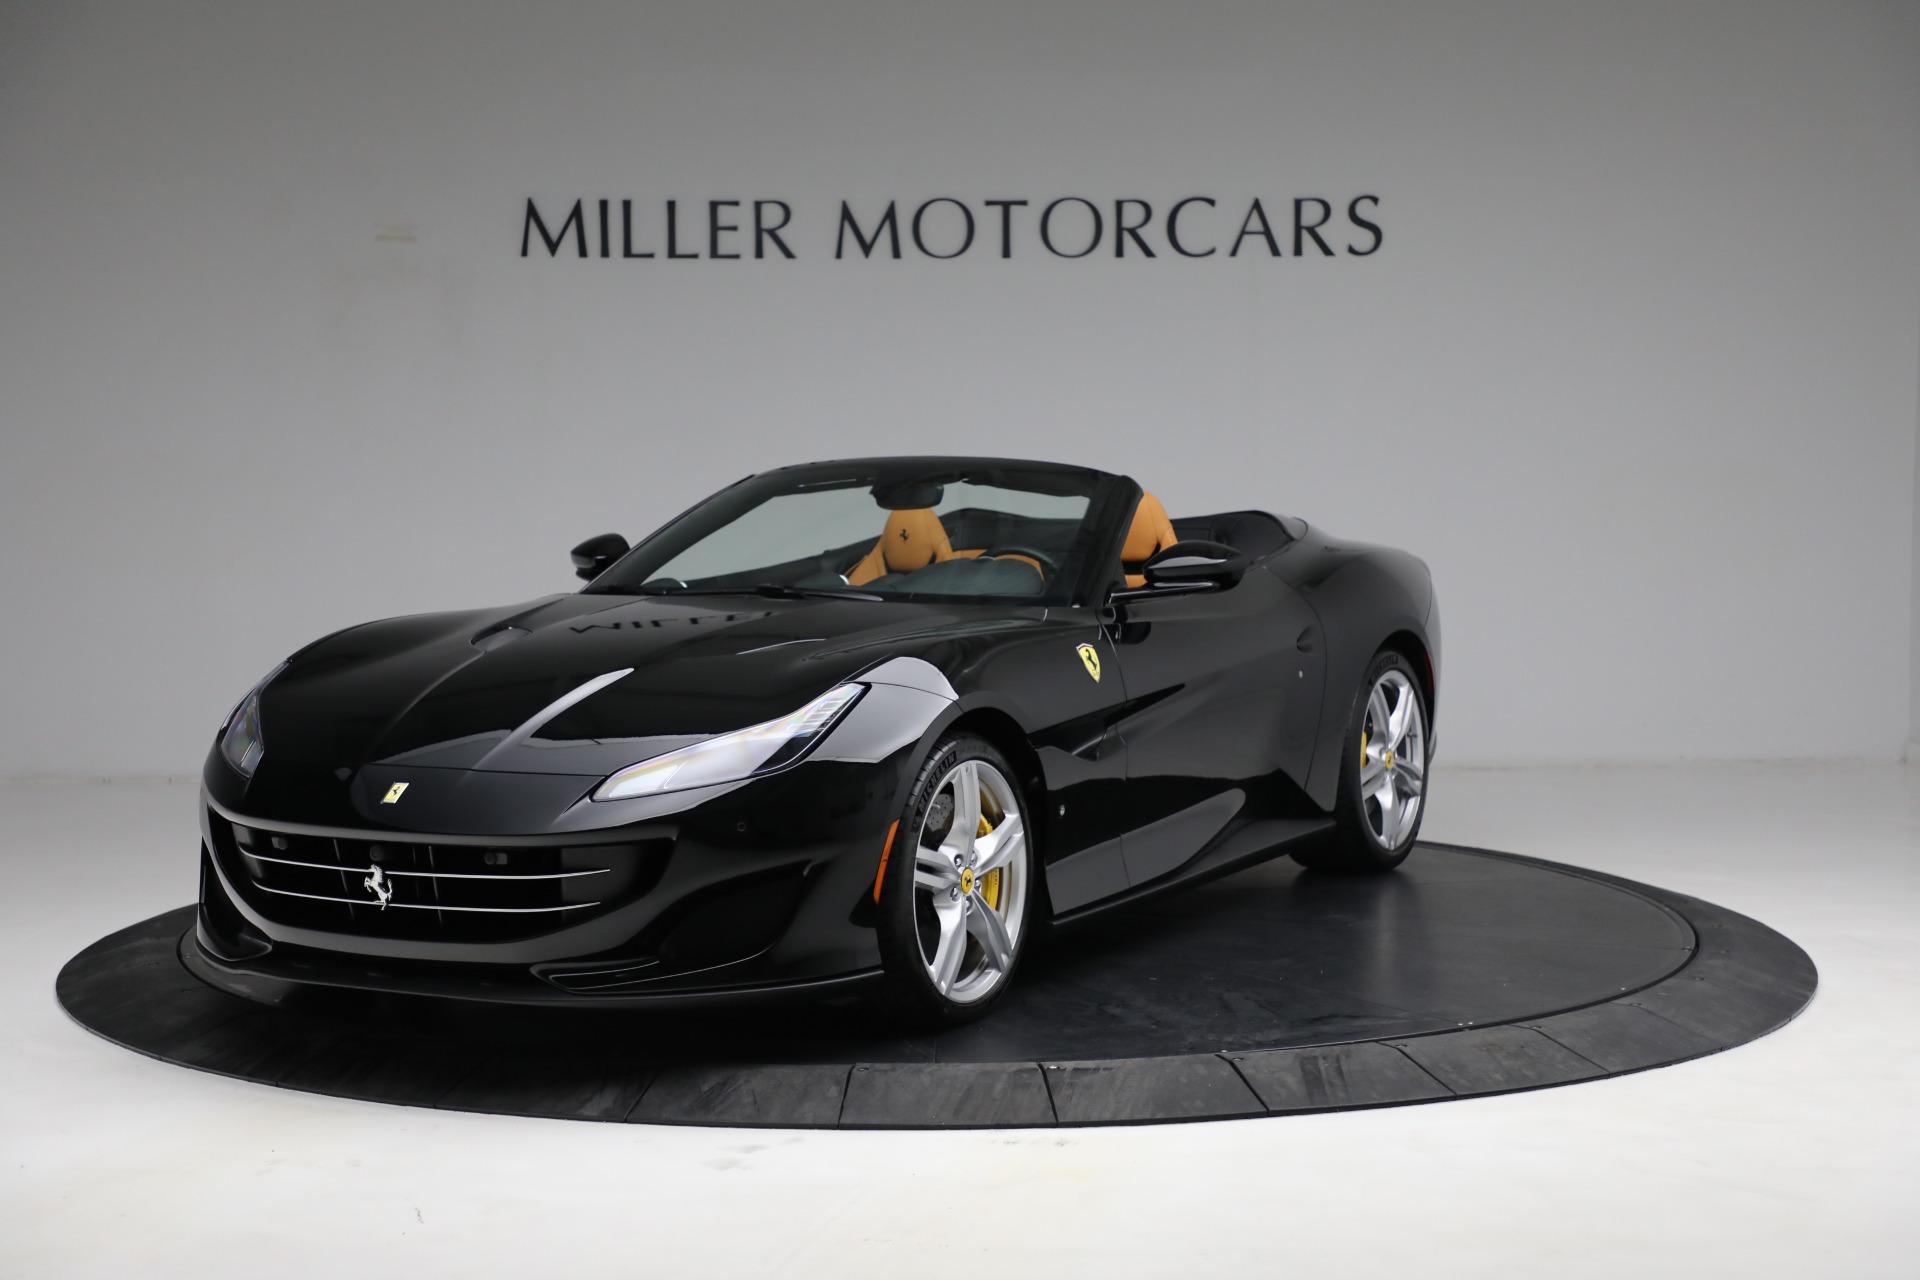 Used 2019 Ferrari Portofino for sale $231,900 at Aston Martin of Greenwich in Greenwich CT 06830 1